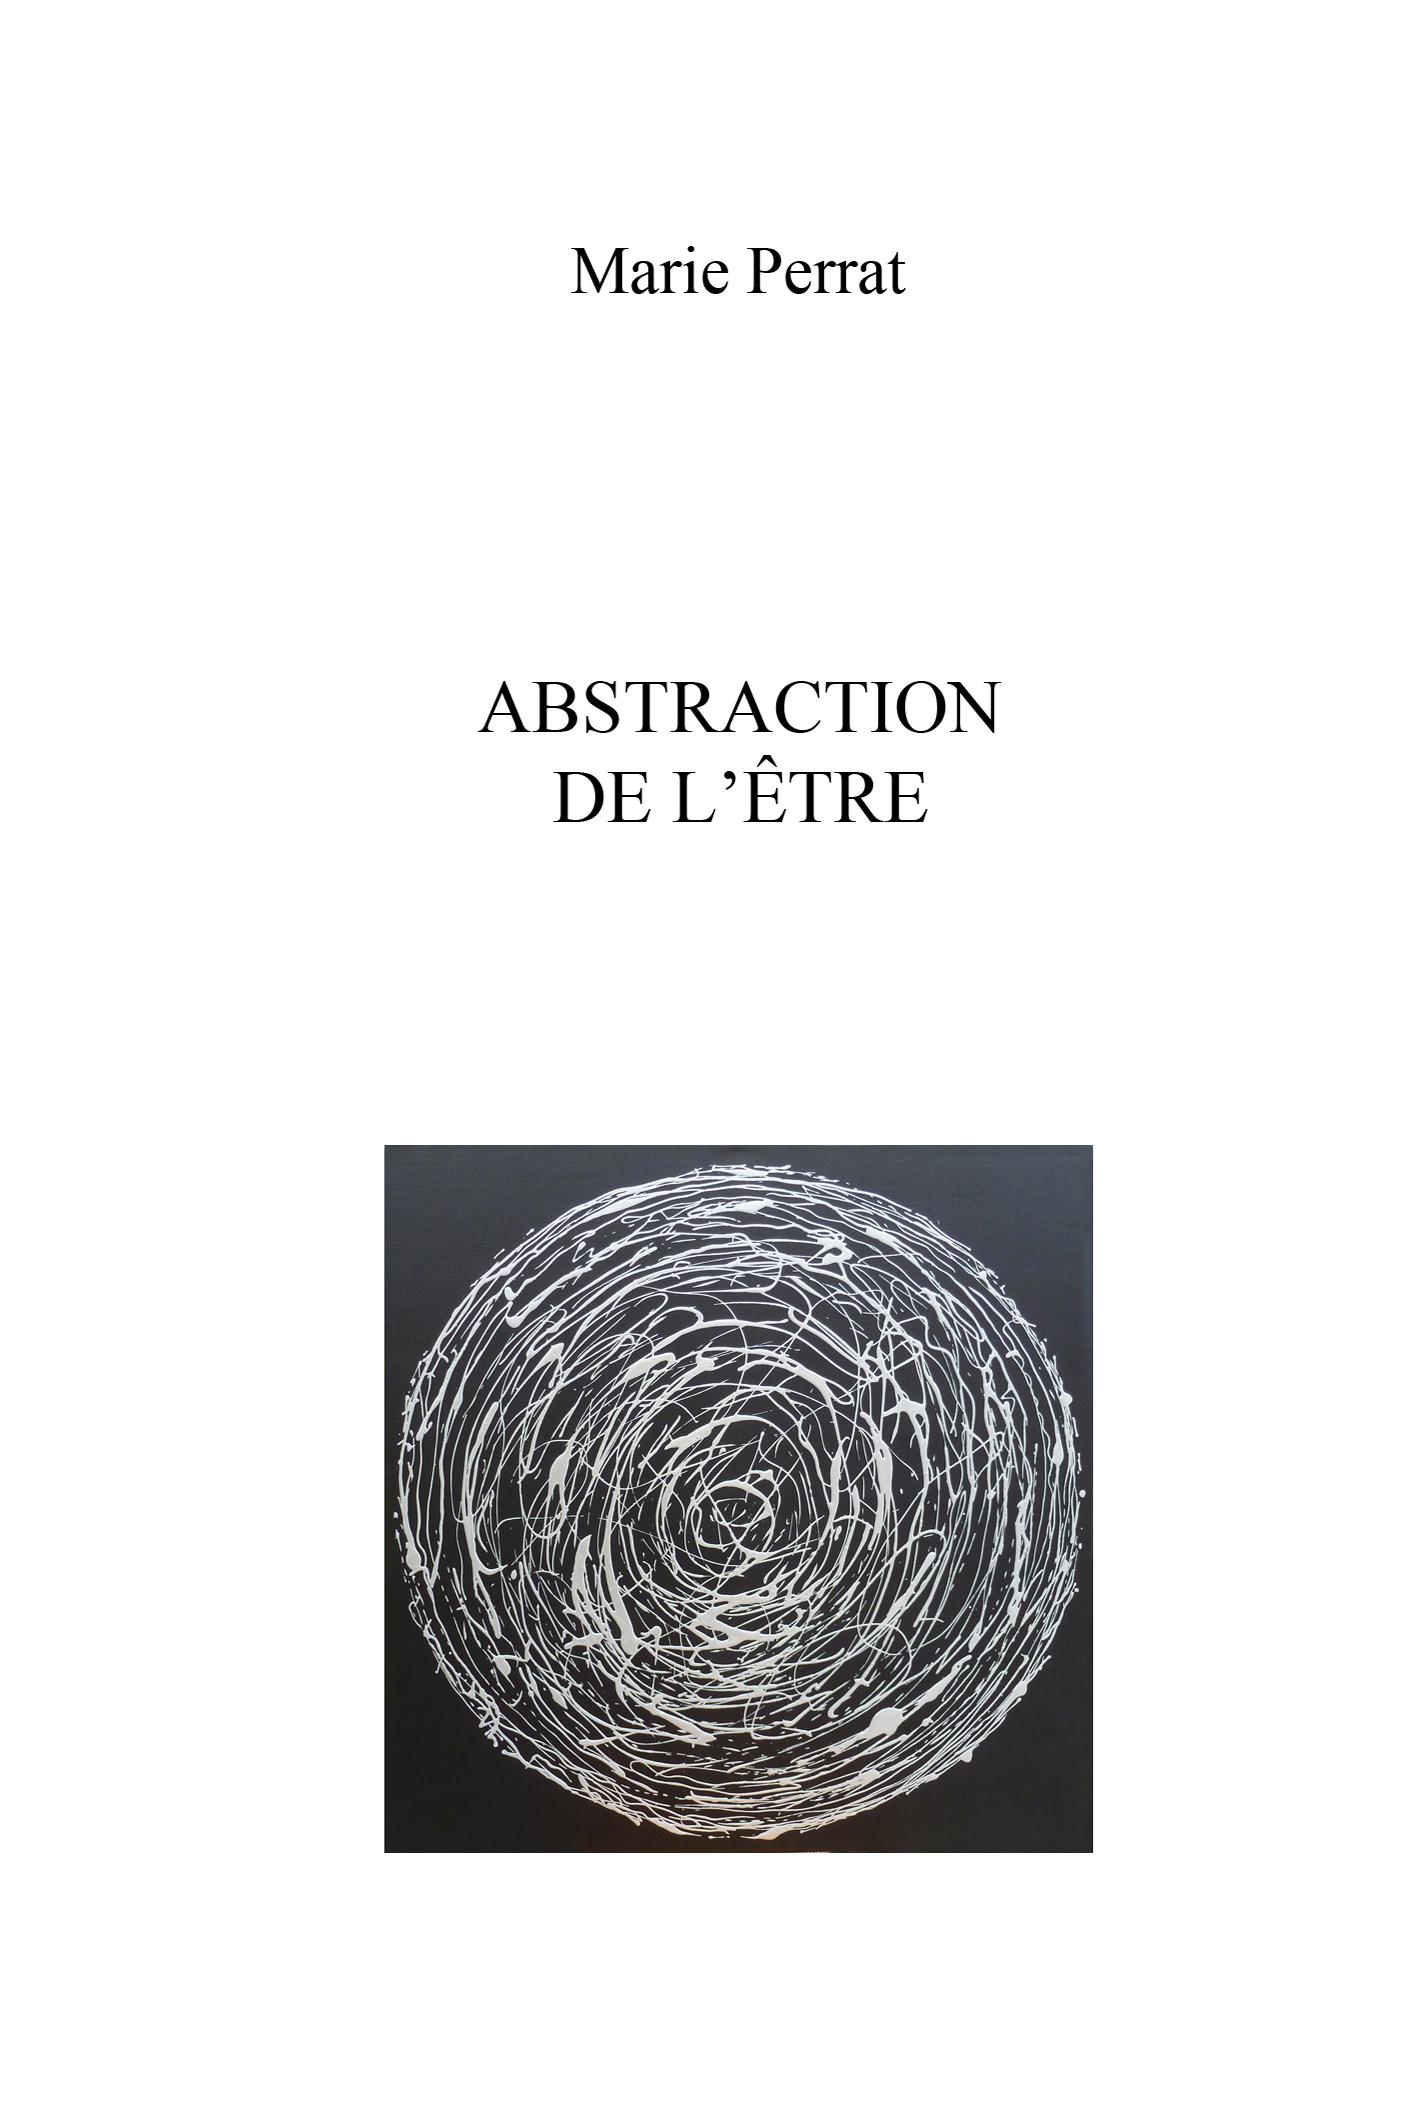 Abstraction de l'Être